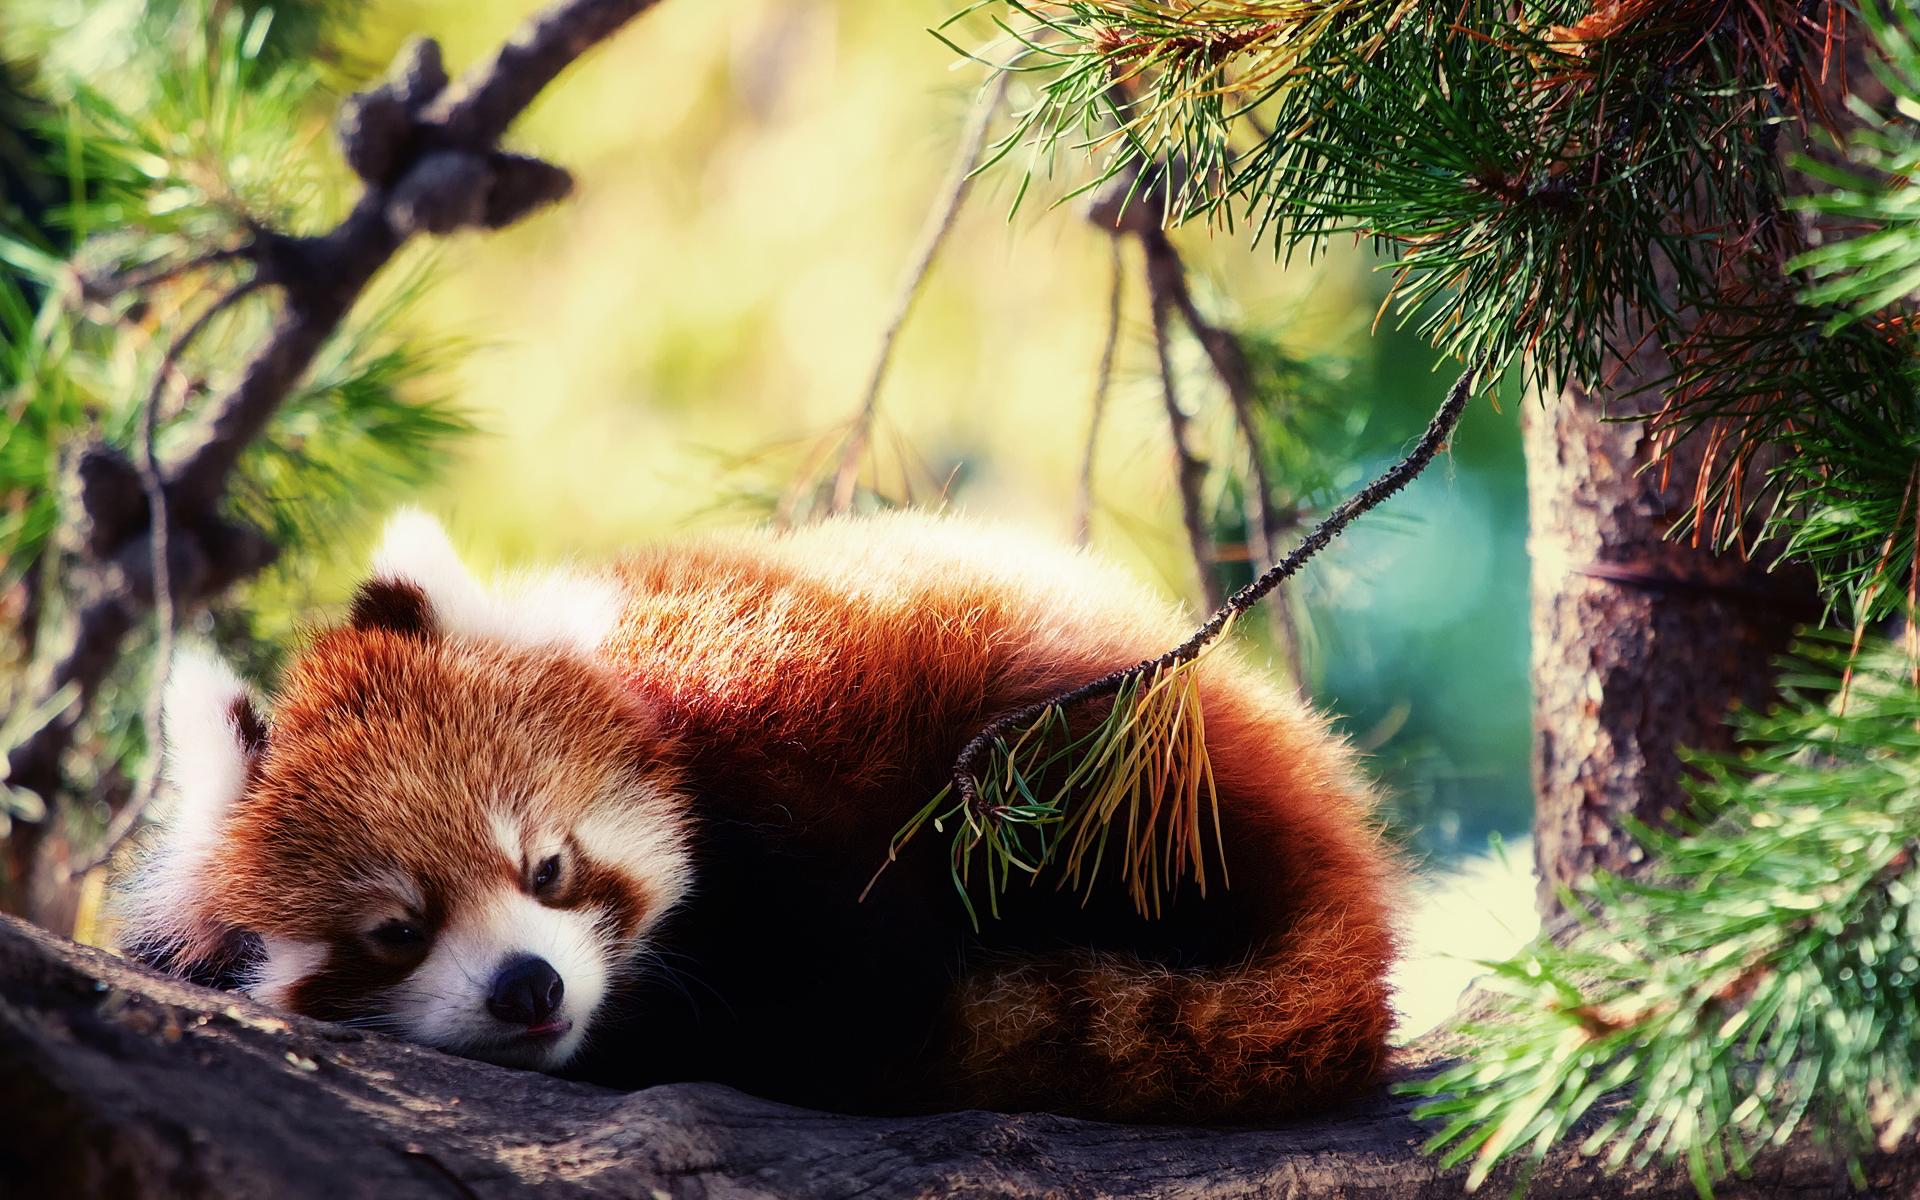 Drawn red panda epic Red Panda Panda Red Wallpaper